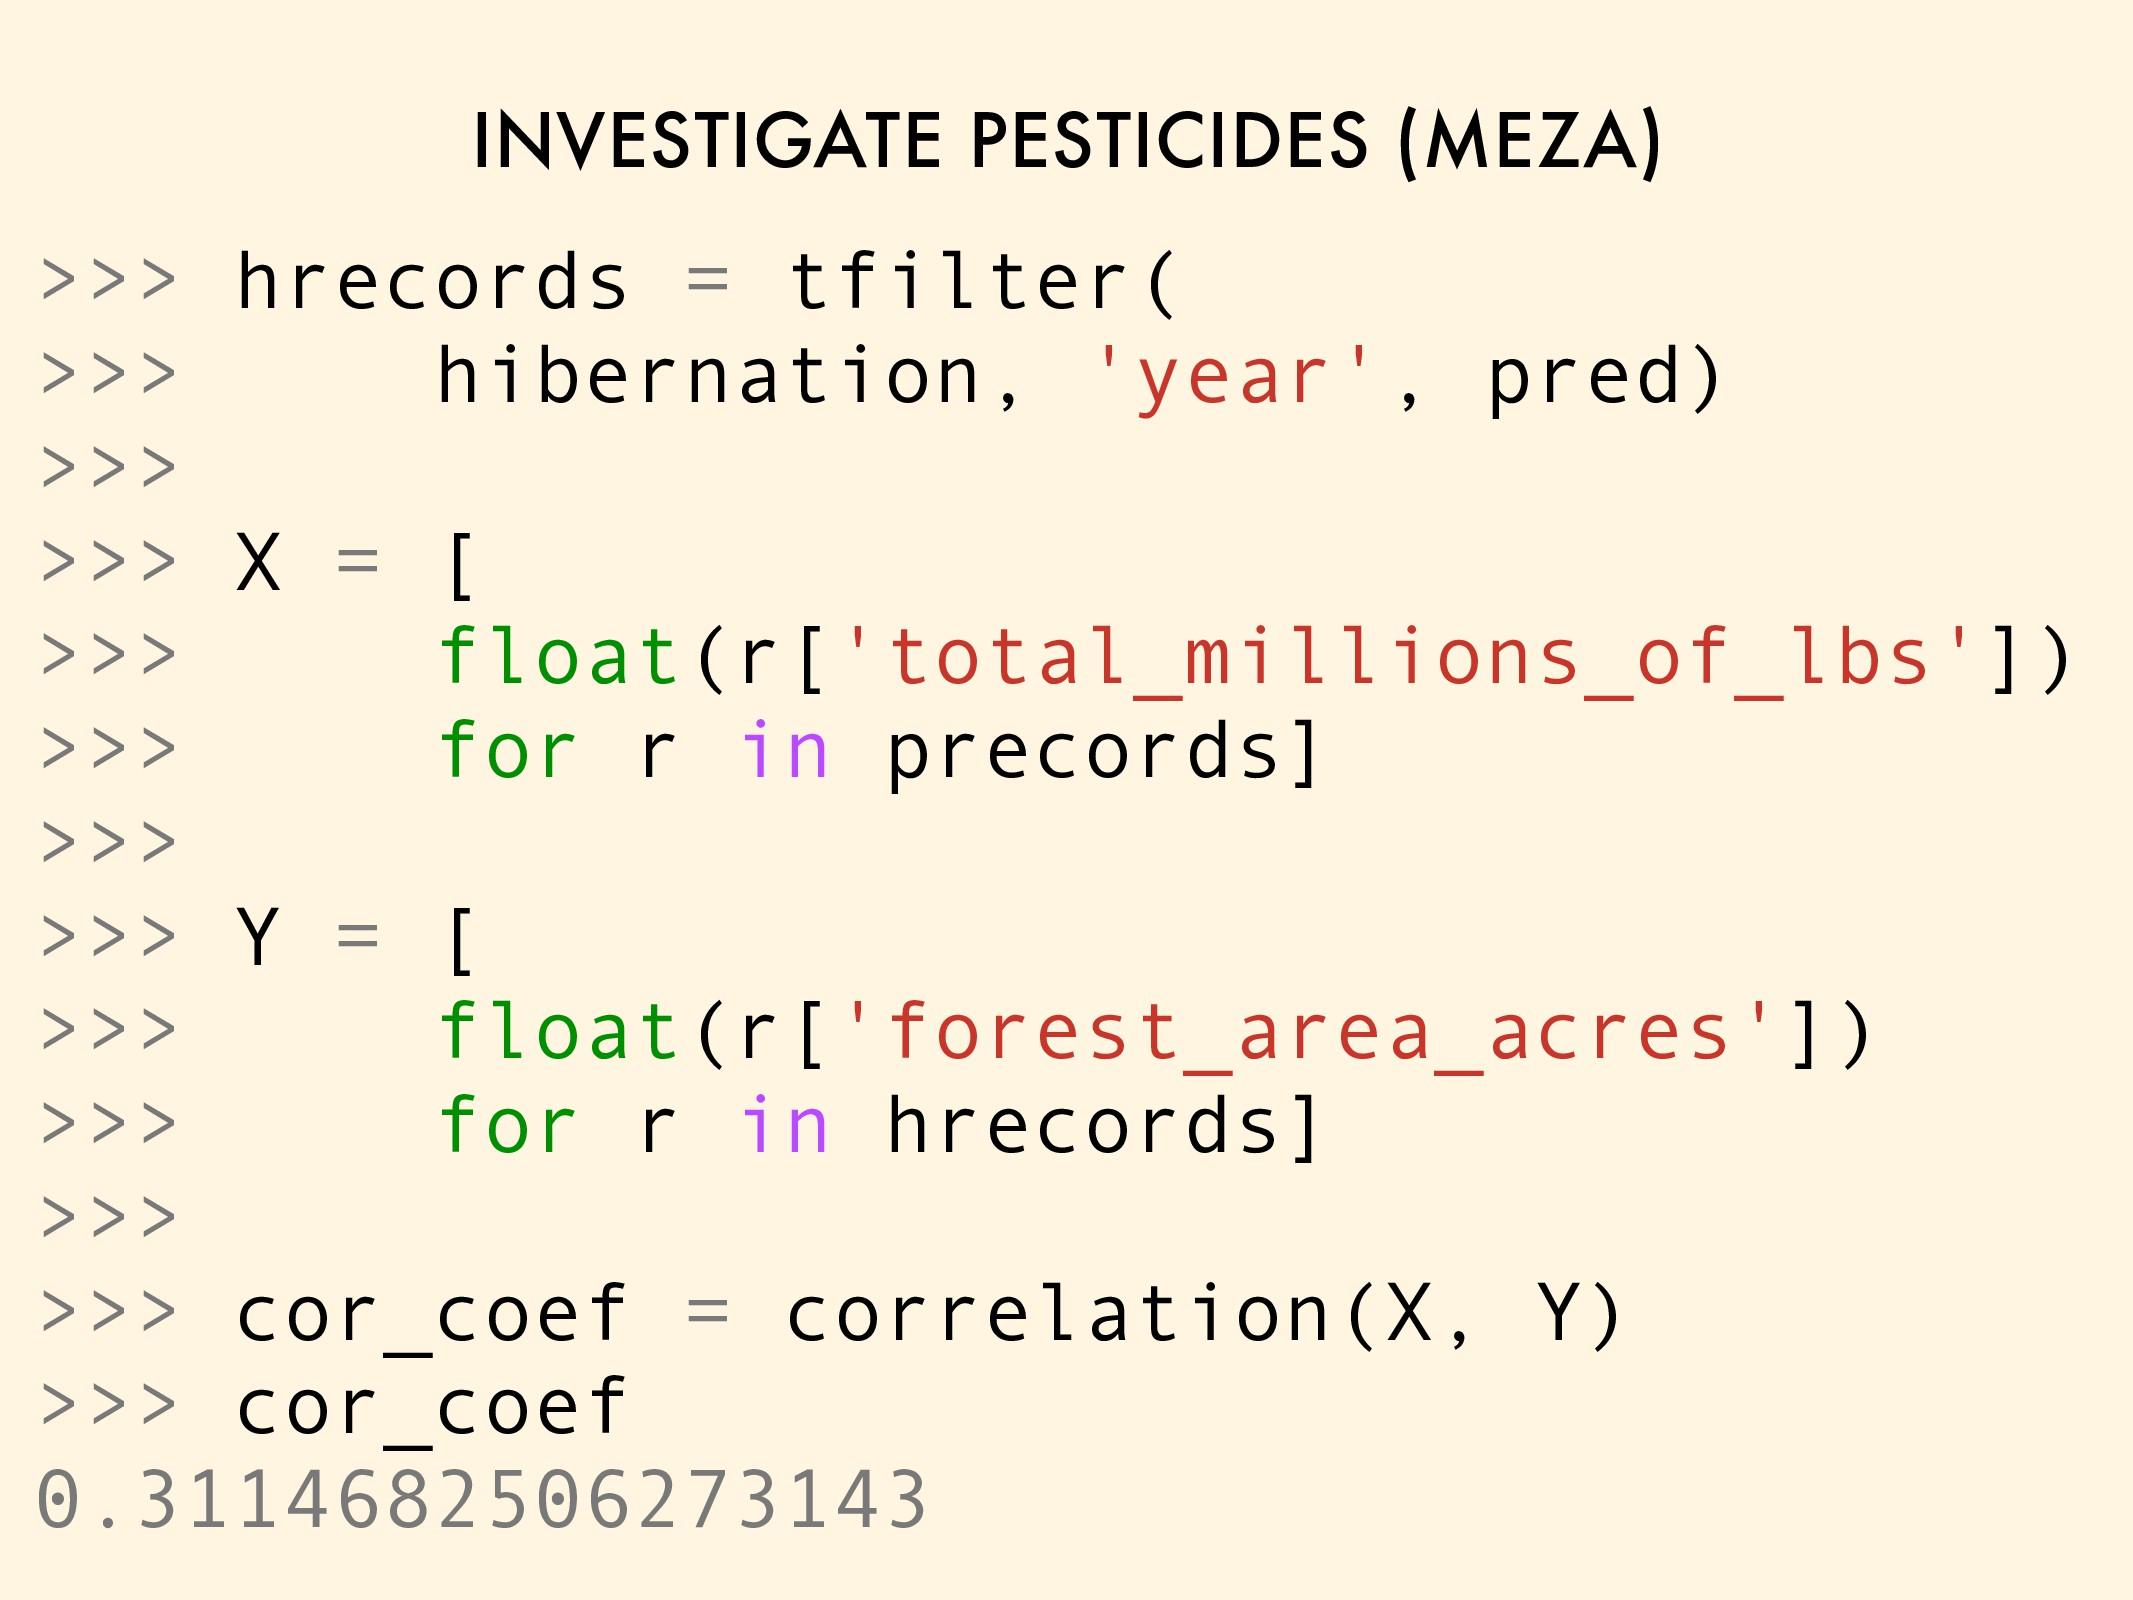 INVESTIGATE PESTICIDES (MEZA) >>> hrecords = tf...